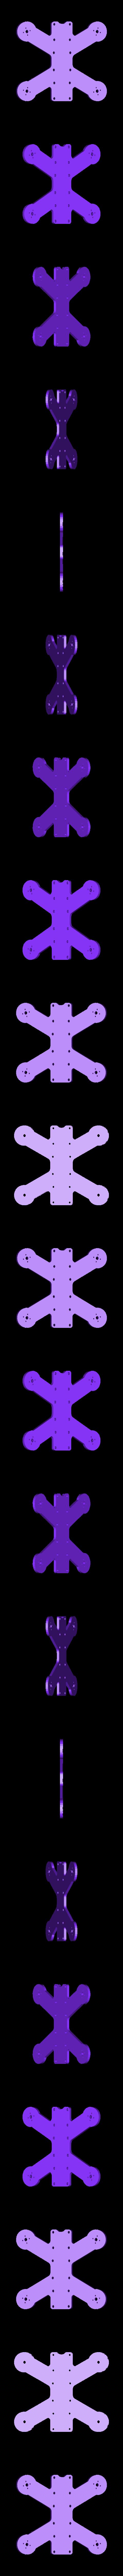 Base_Plate_EMAX_1104_motor_mount_8.4mm.stl Télécharger fichier STL gratuit QAV-M 110 Micro Quad FT Gremlin Frame • Objet pour impression 3D, bromego